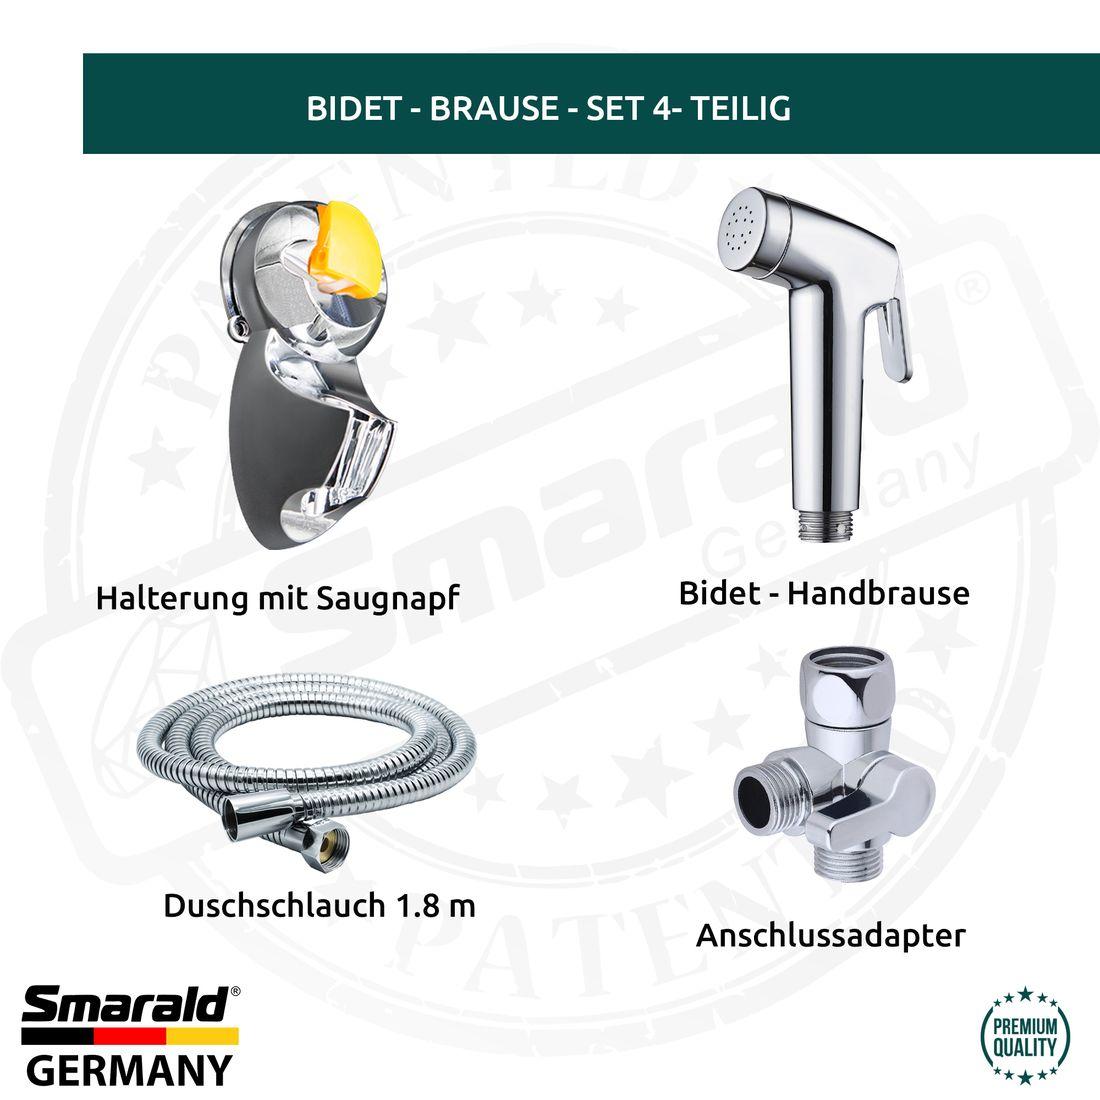 Umstellventil 3-Wege Anschlussadapter f Küche Dusche Bad Bidet WC Duschschlauch